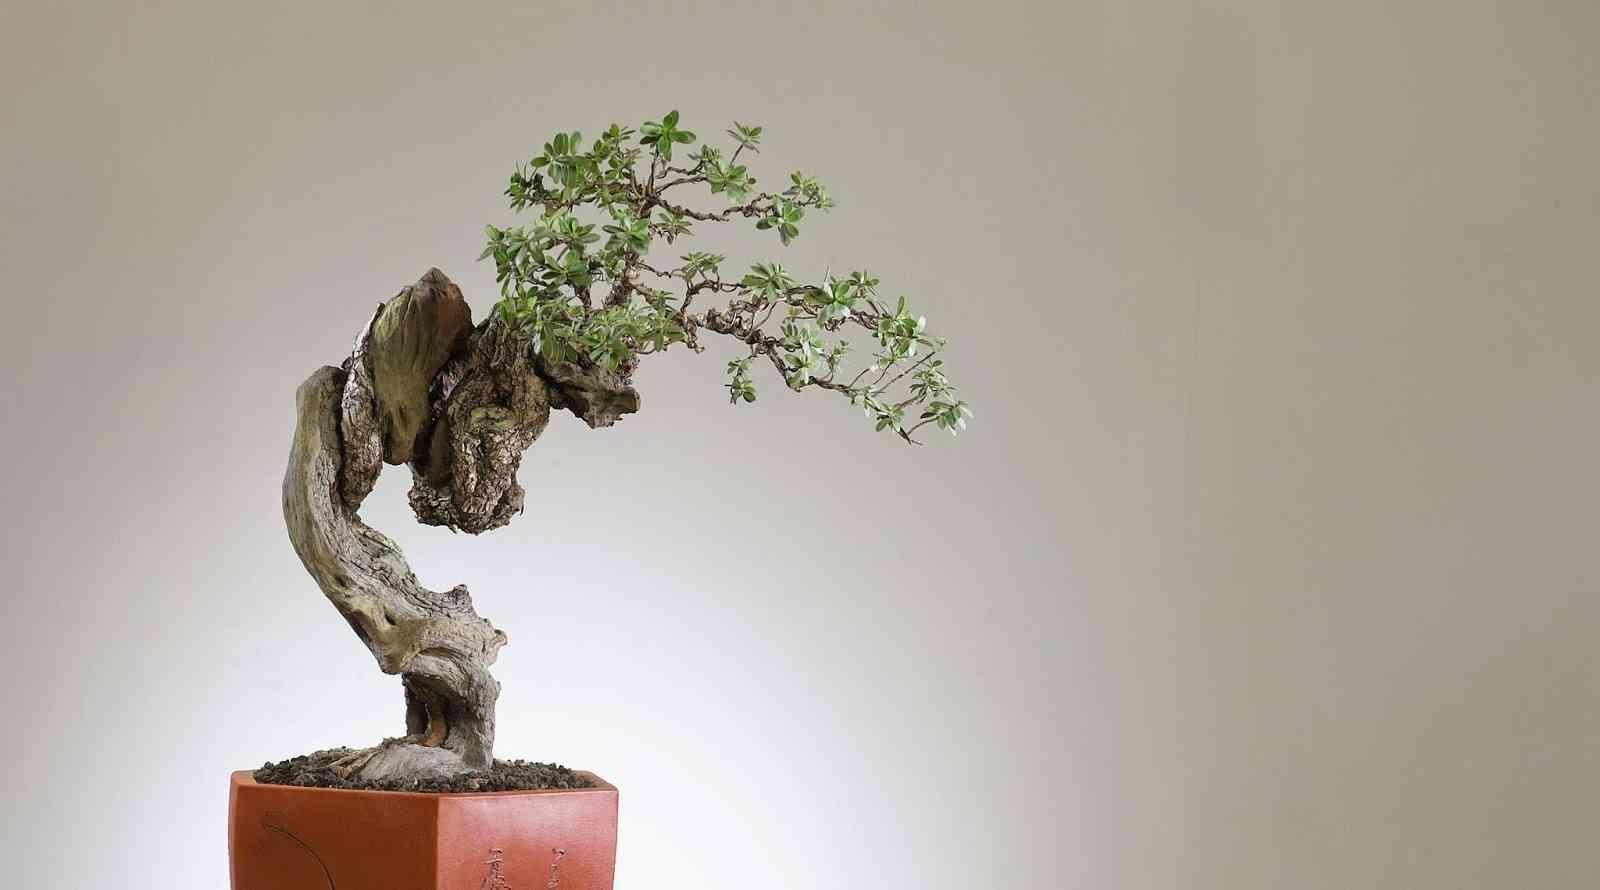 Tanaman Santigi Ideal Untuk Bonsai | Tanamankebun